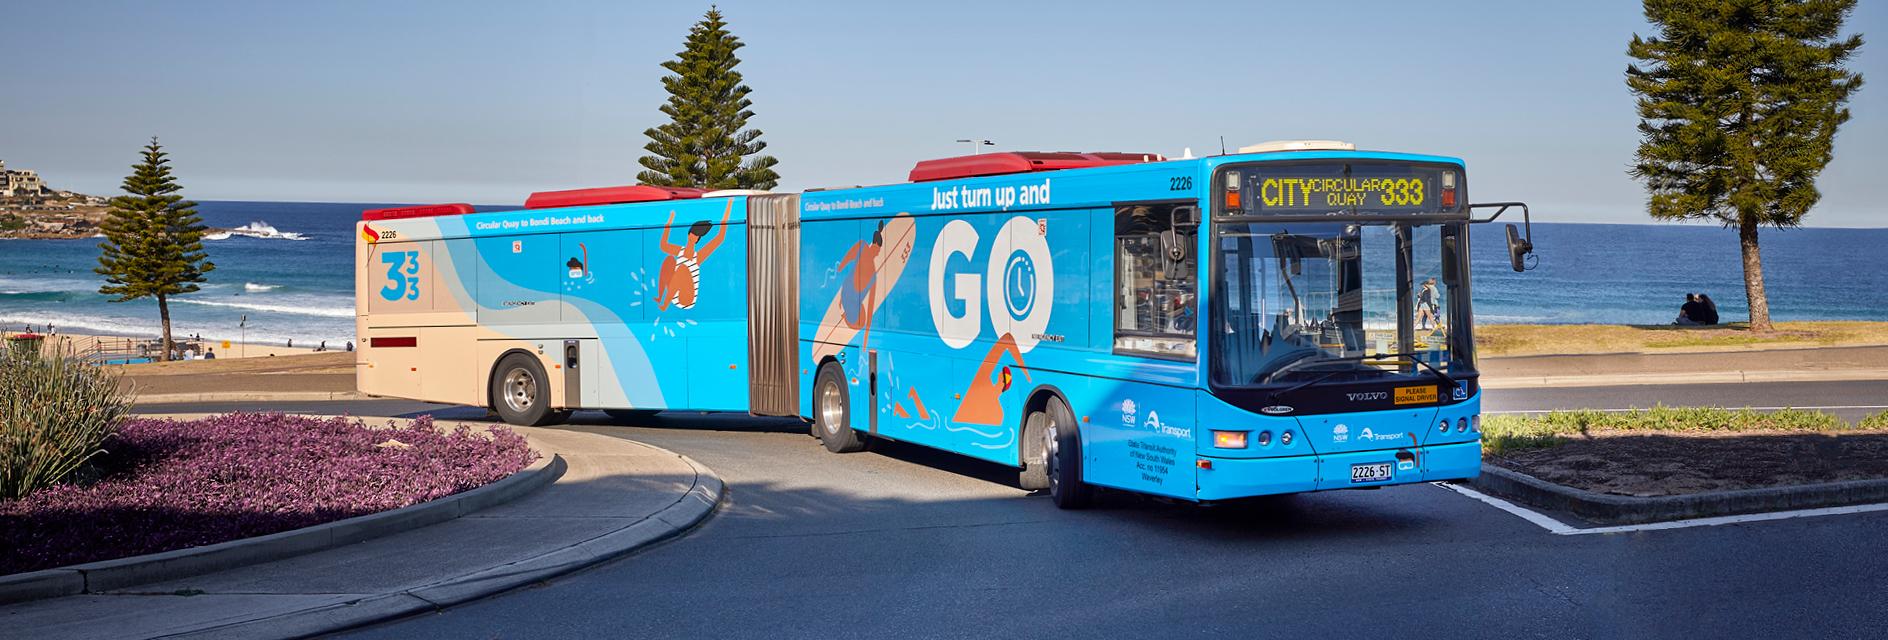 Bus | transportnsw info